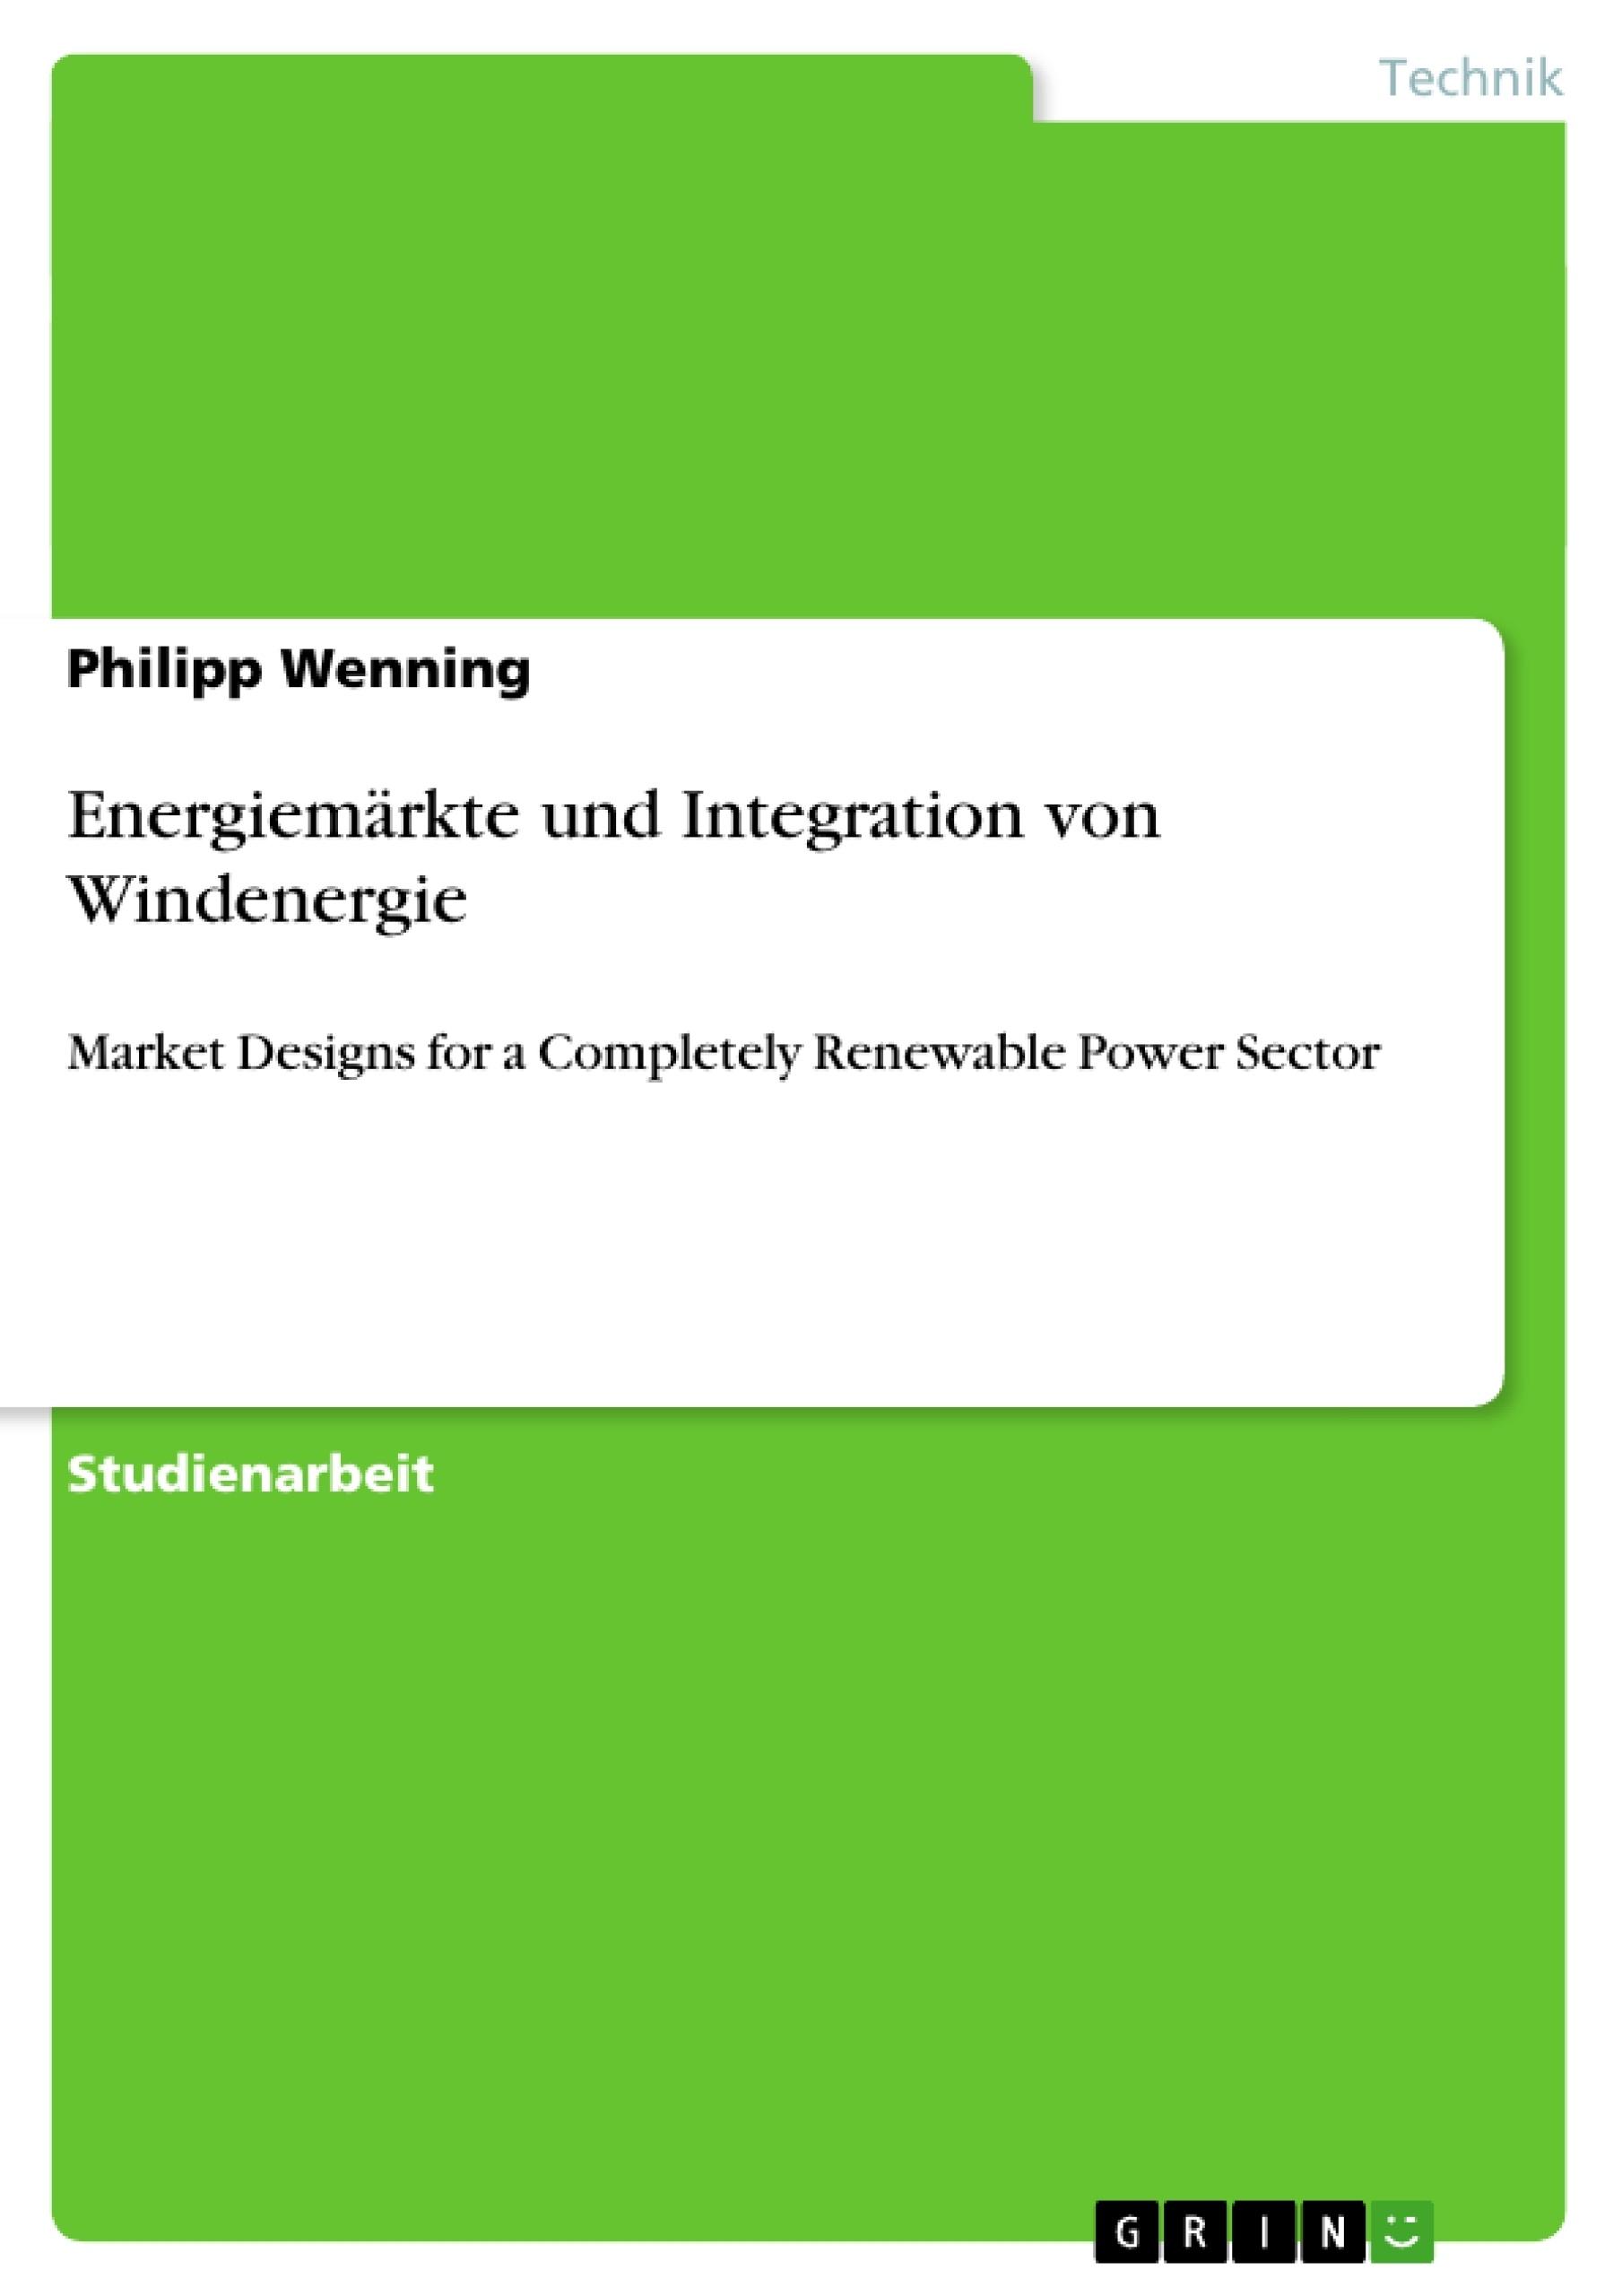 Titel: Energiemärkte und Integration von Windenergie